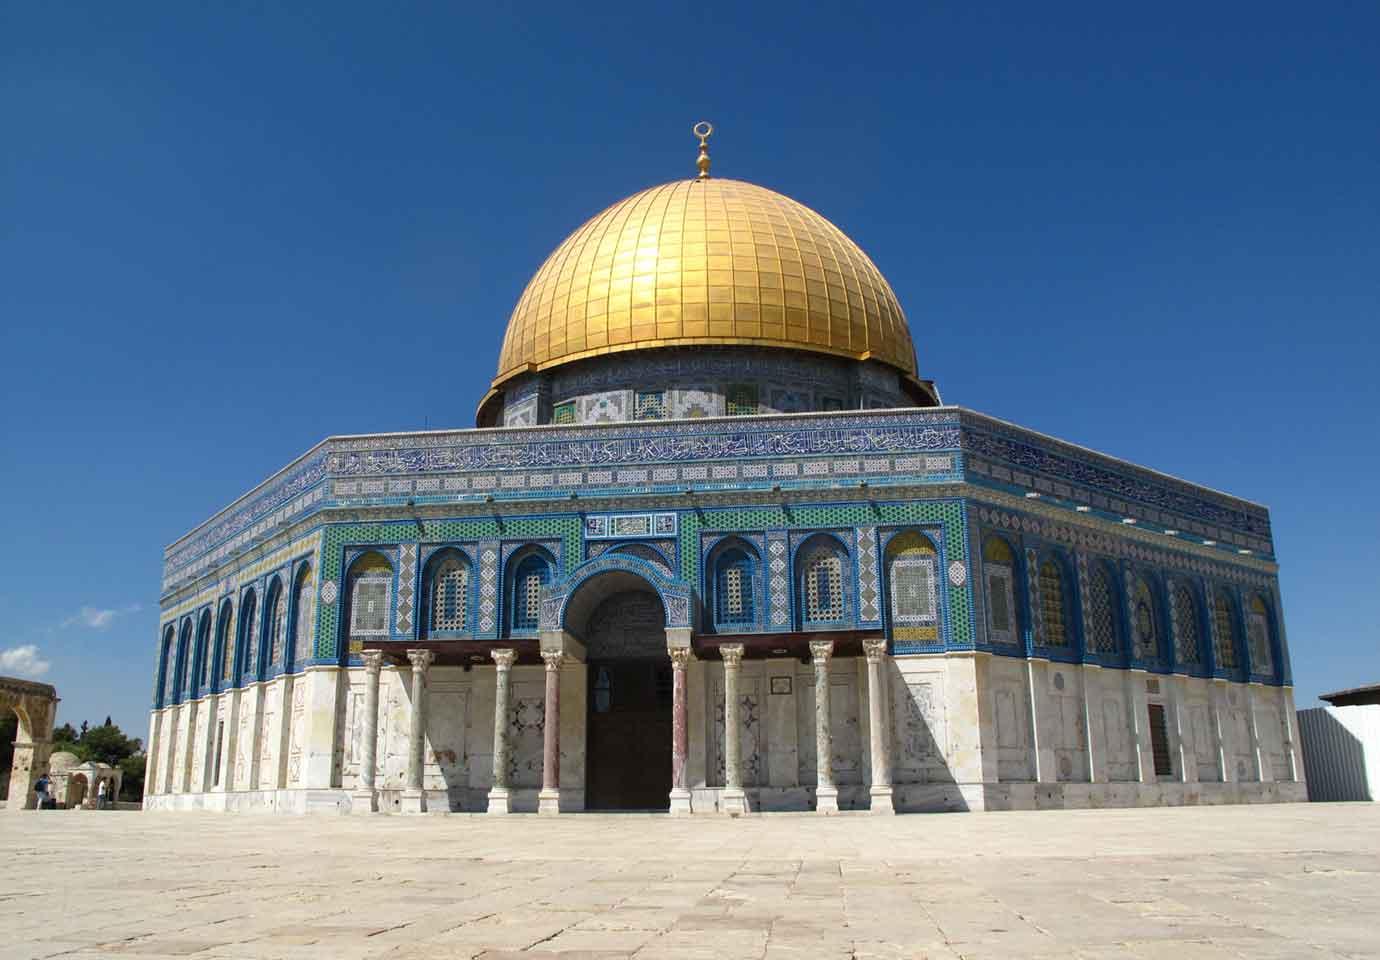 IT先進国のイスラエル、2000年から高校の必修科目になっていた